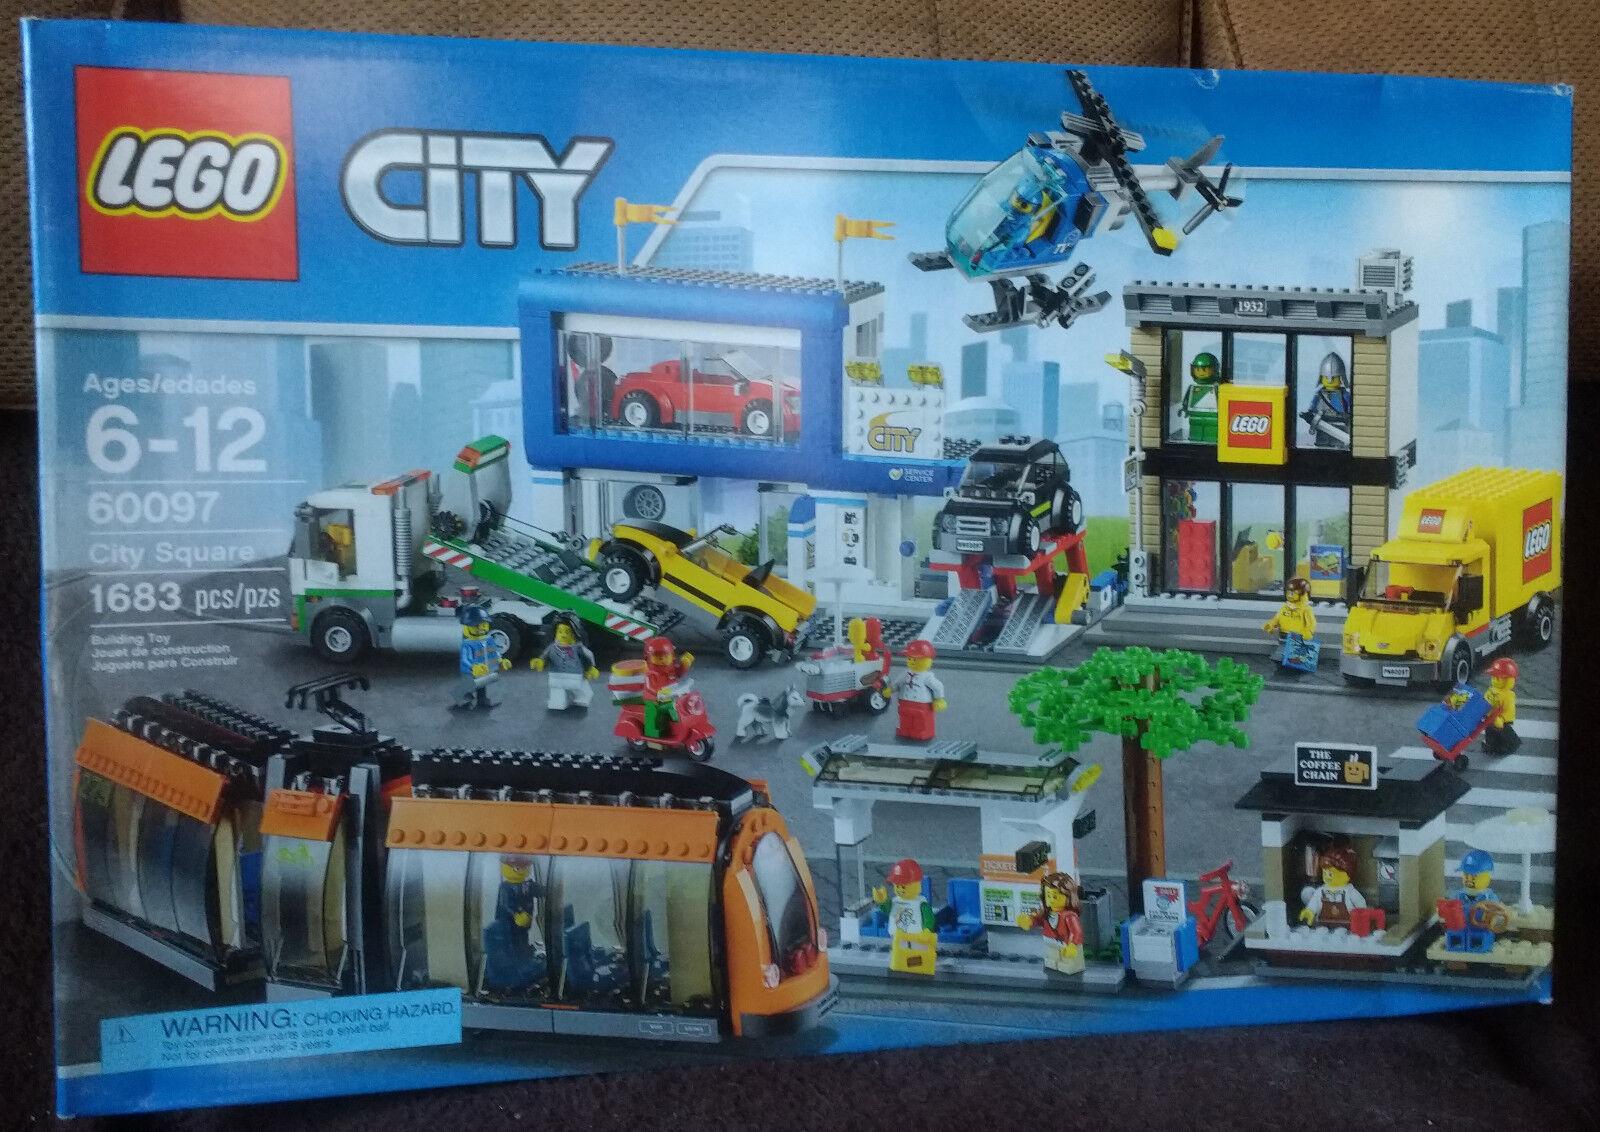 migliore marca LEGO città Square (60097) (60097) (60097) nuovo MISB  acquisto limitato